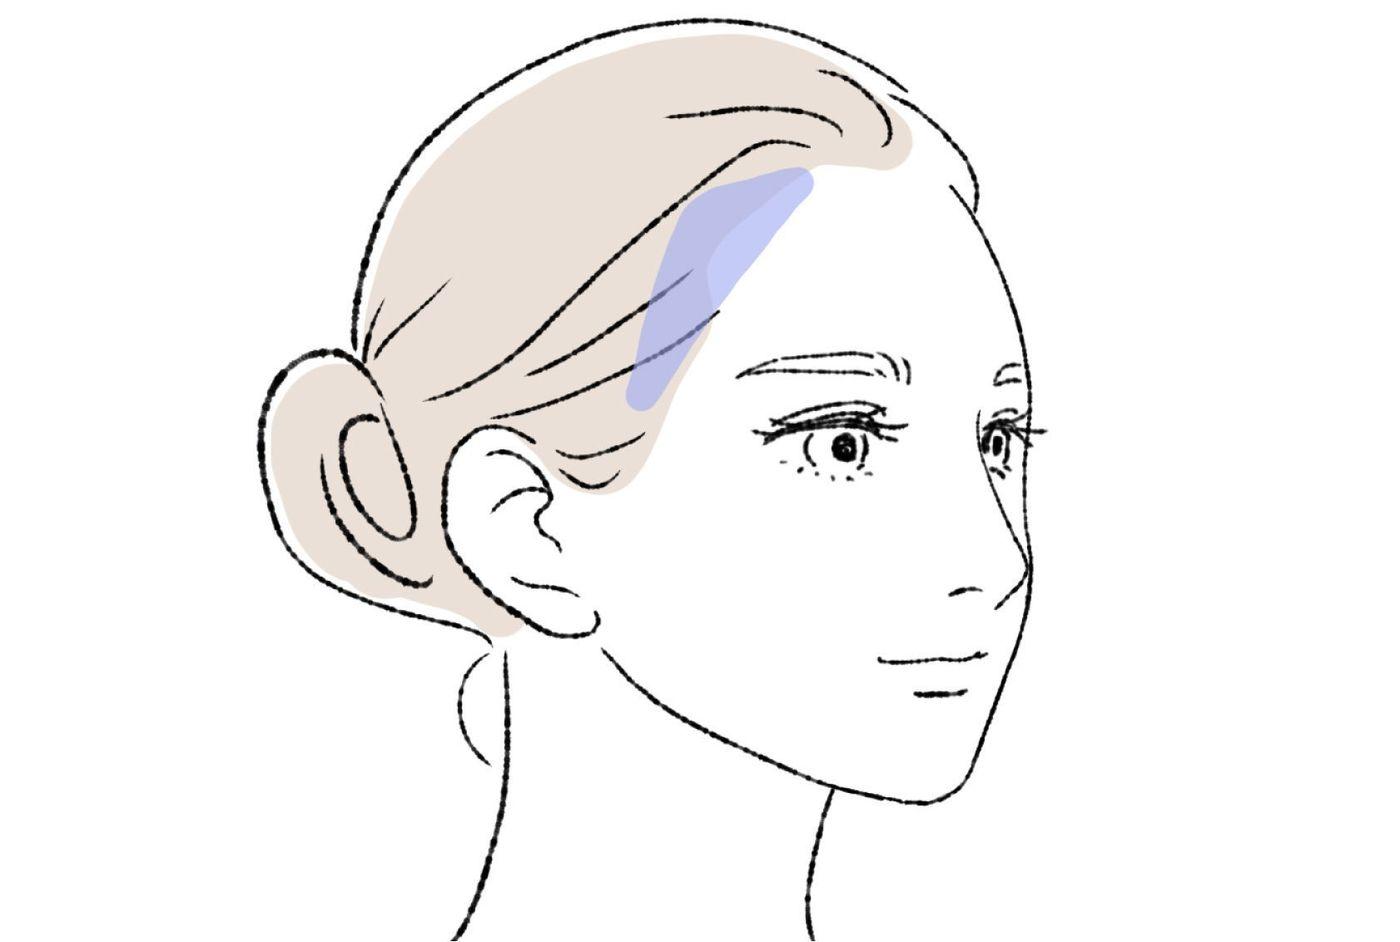 【15選】人気シェーディングのおすすめランキング&顔型別の入れ方の9枚目の画像